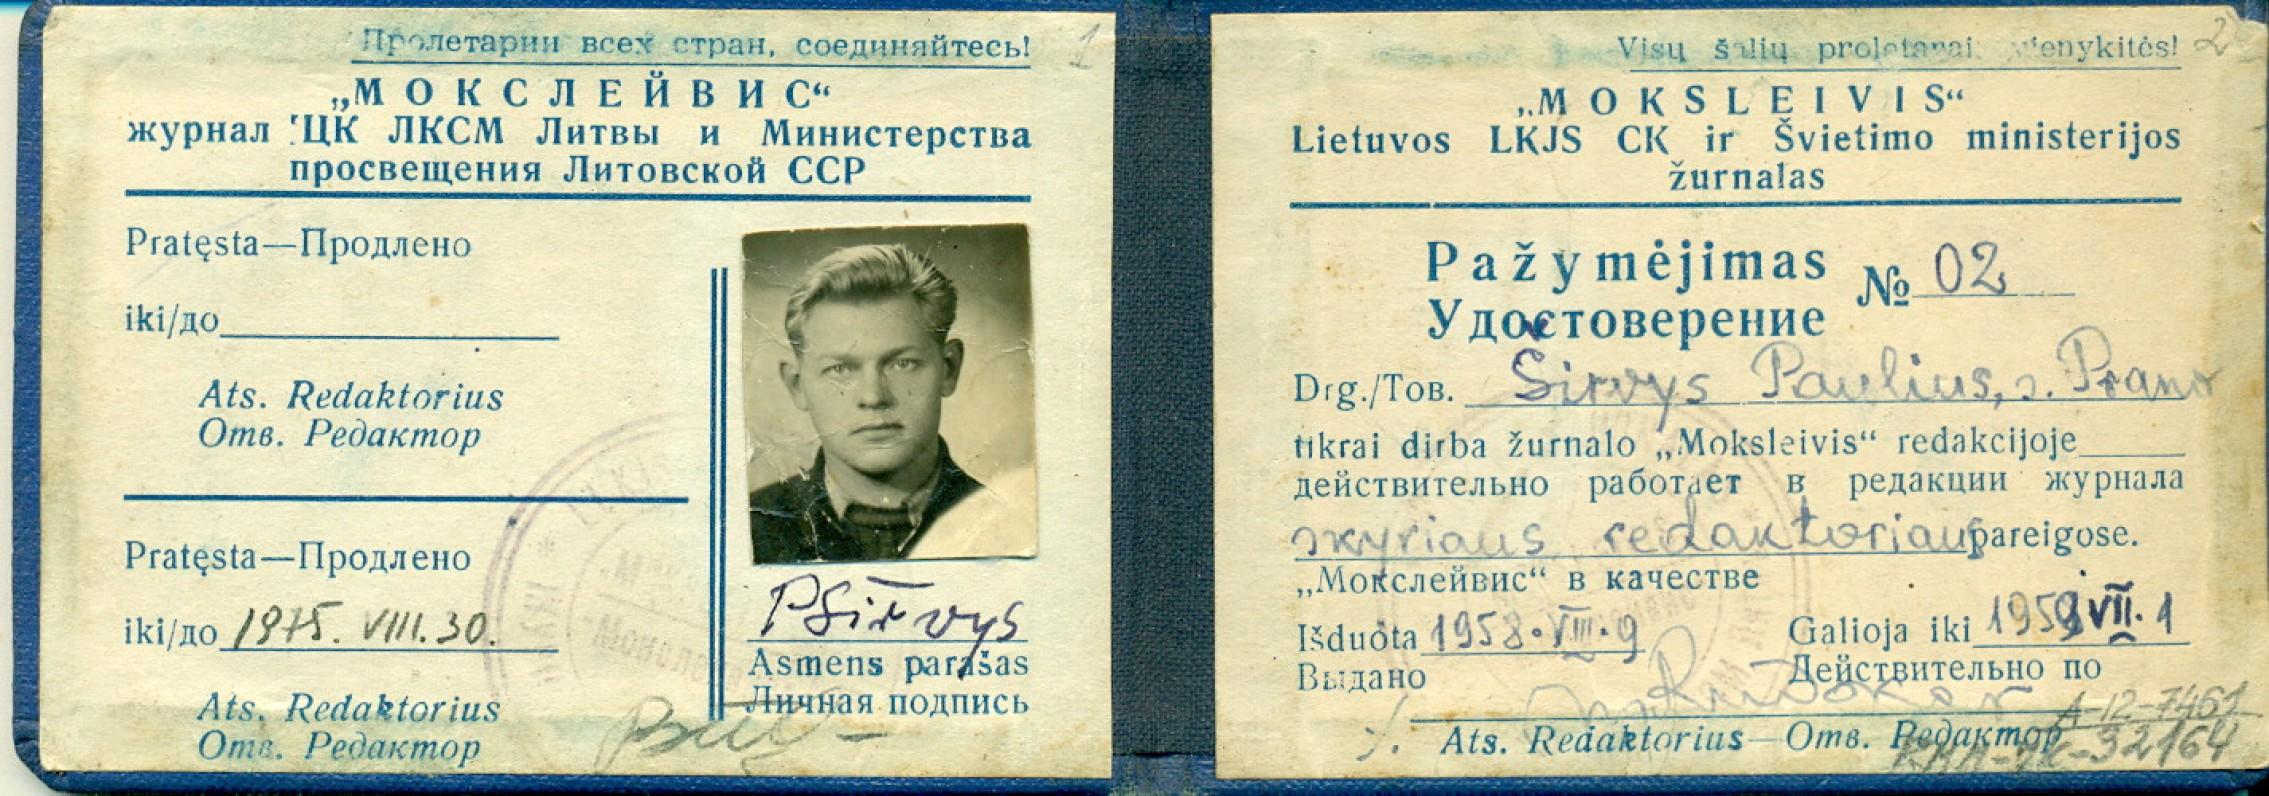 """P. Širvio žurnalo """"Moksleivis"""" redakcijos darbuotojo pažymėjimas. Vilnius, 1958 m."""